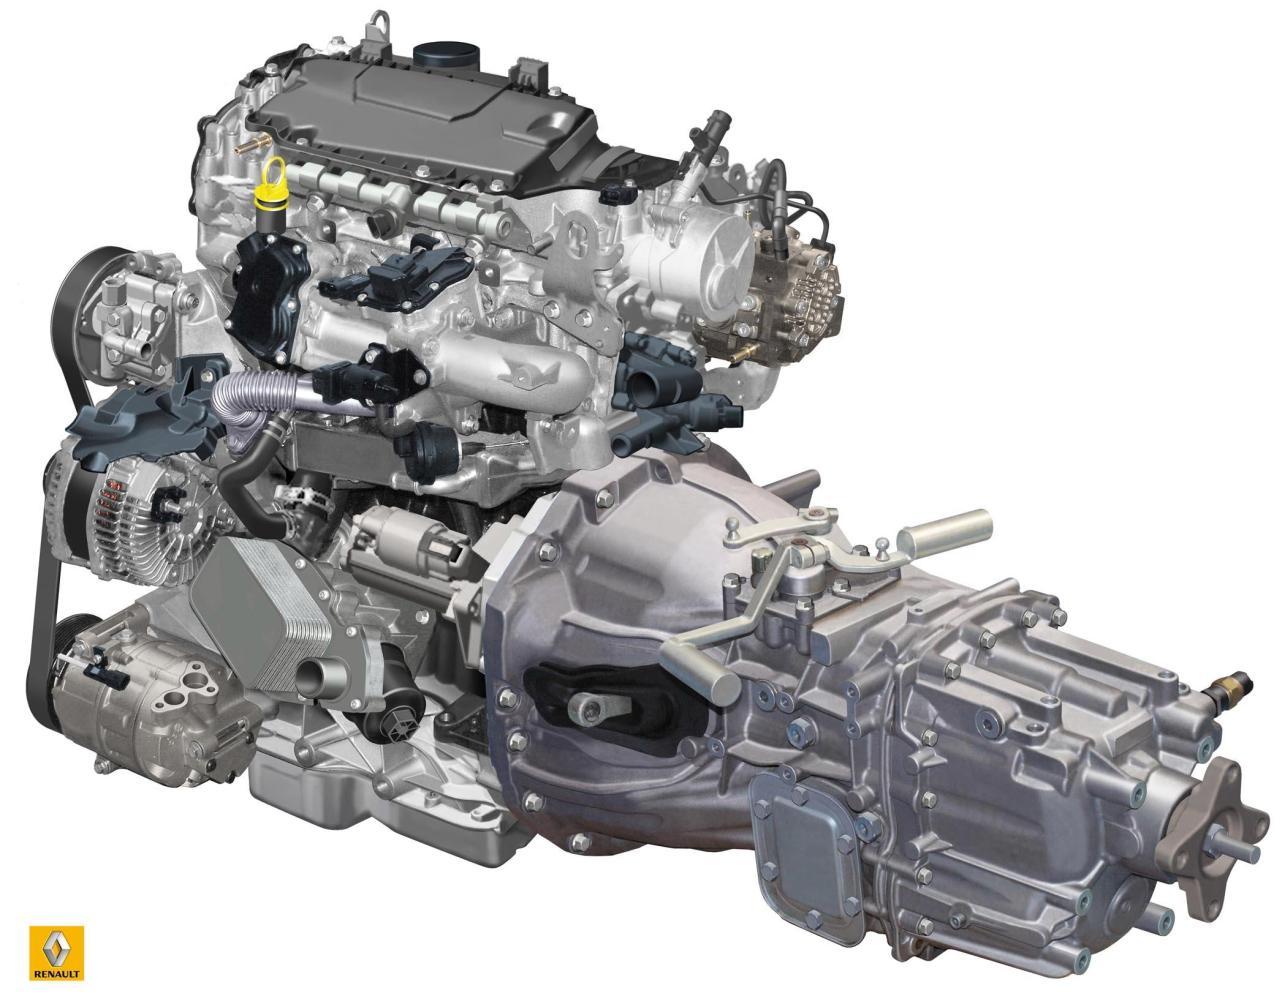 Revista Coche: Renault presenta su nuevo motor 2.3 dCi y ...